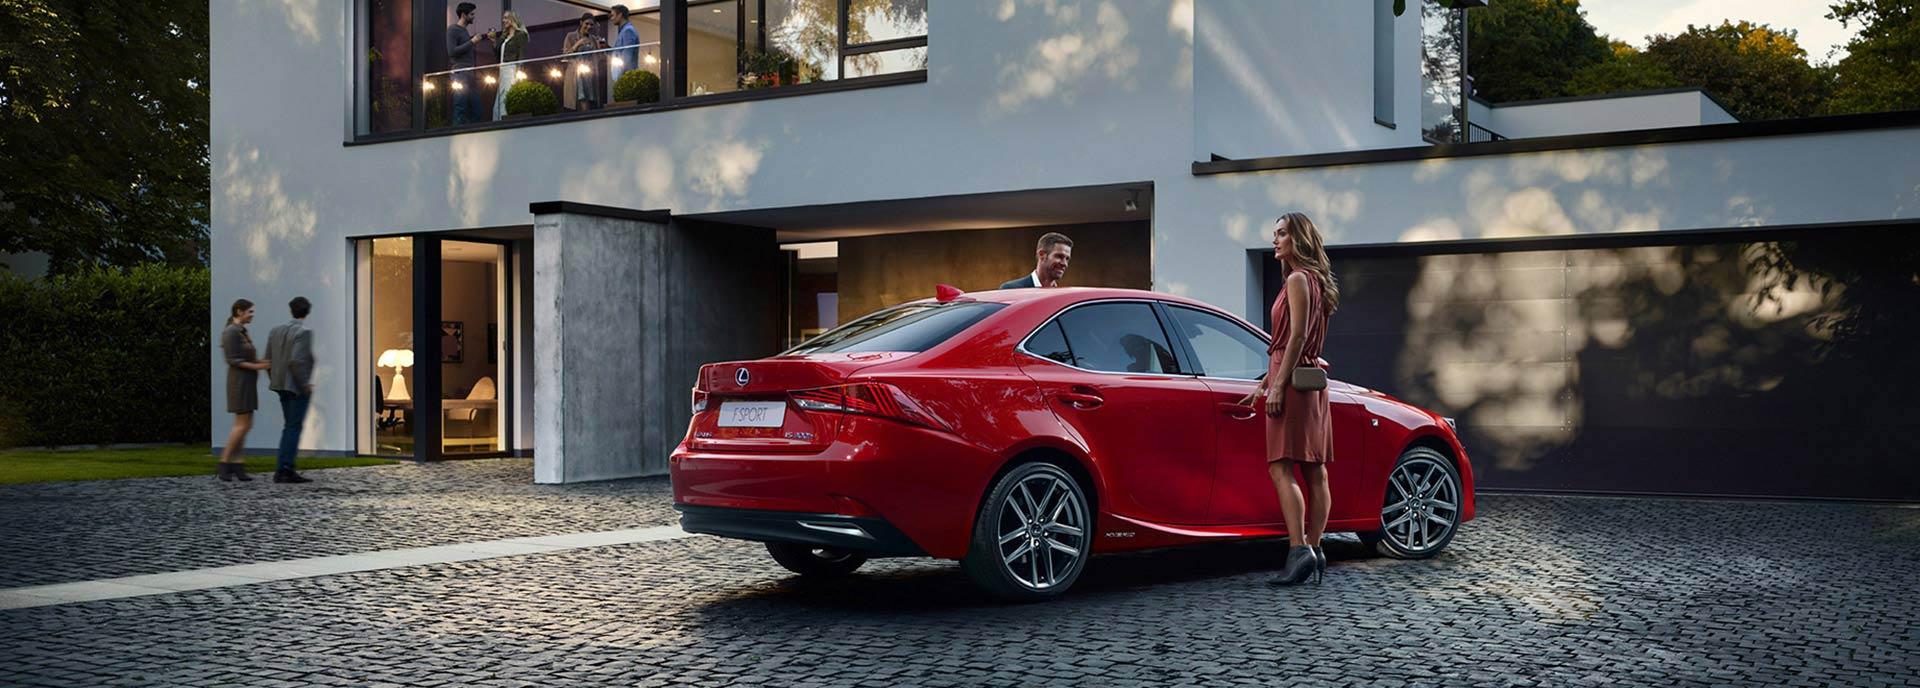 Lexus financiële diensten voor particulieren